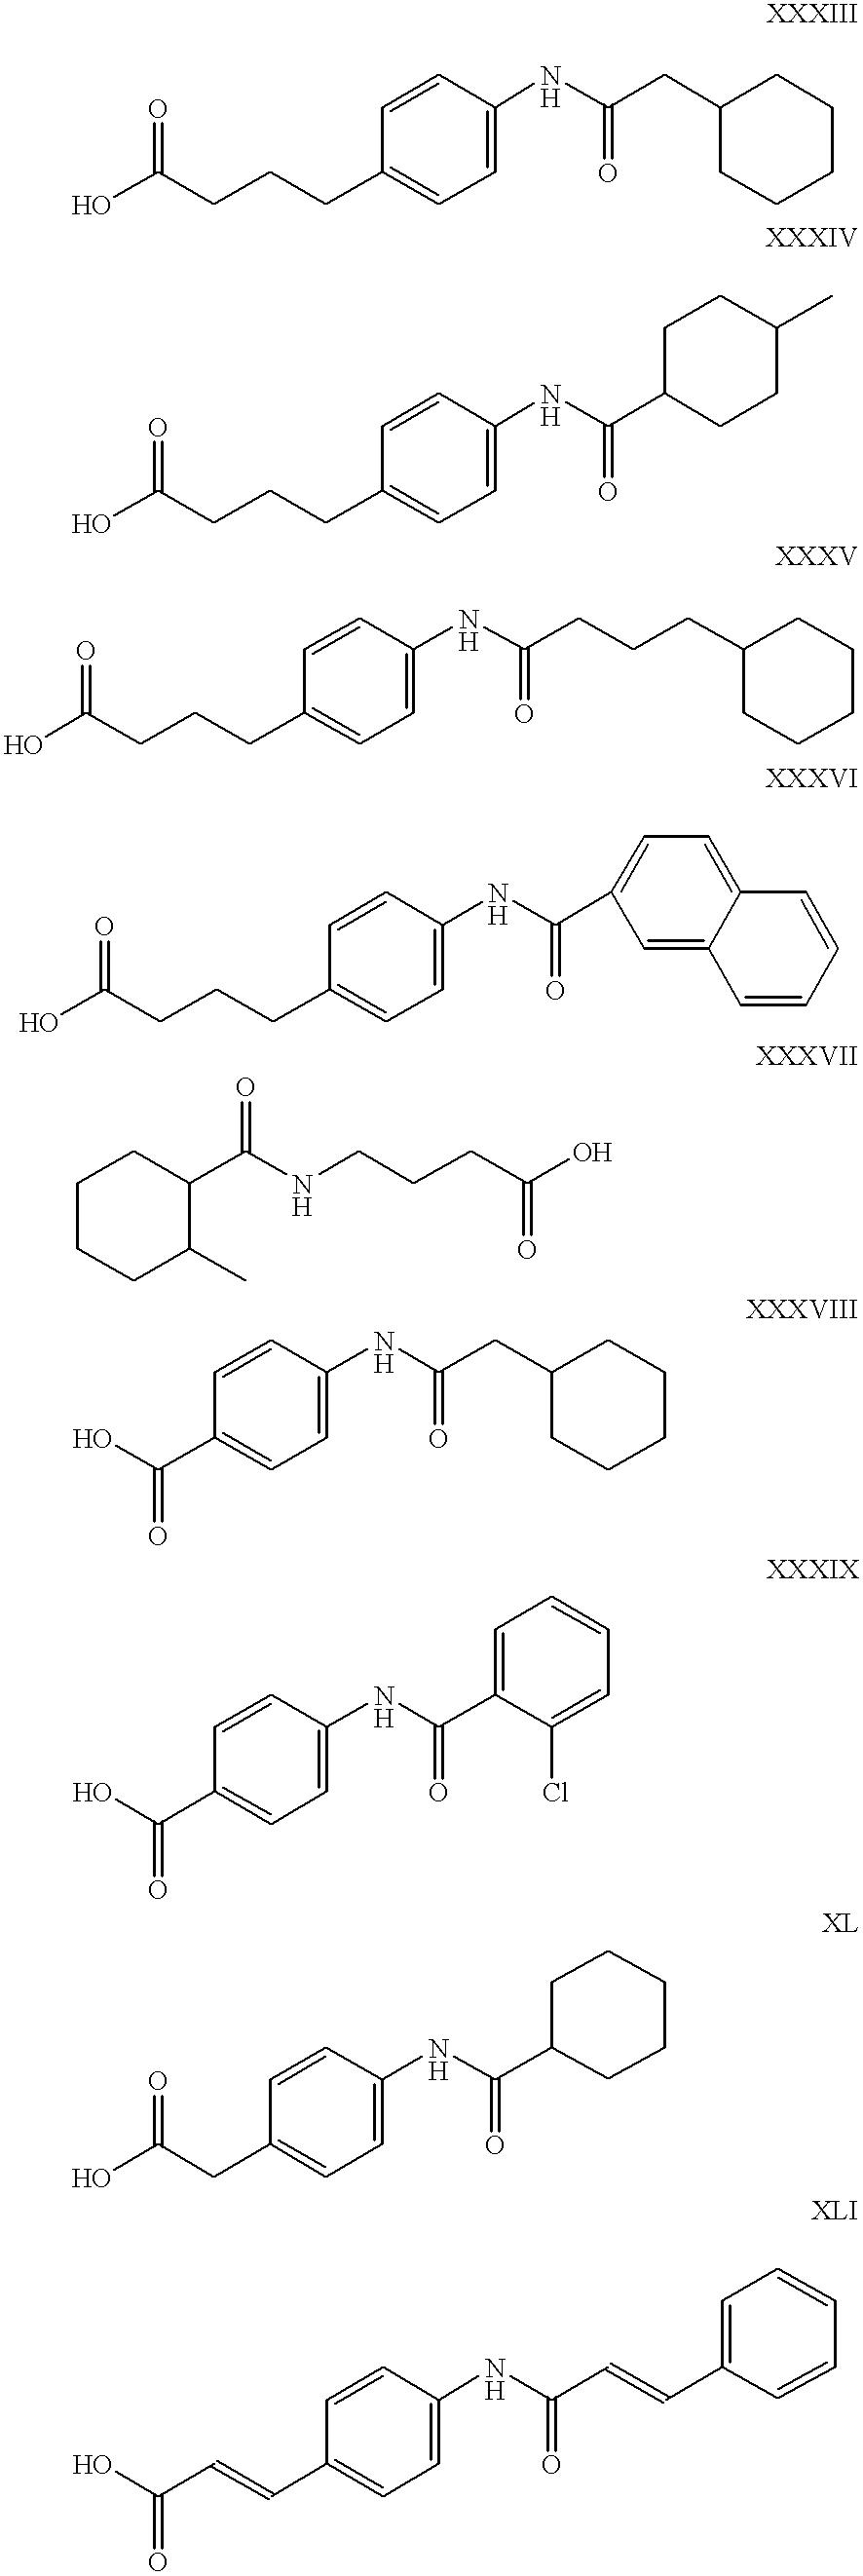 Figure US06610329-20030826-C00008